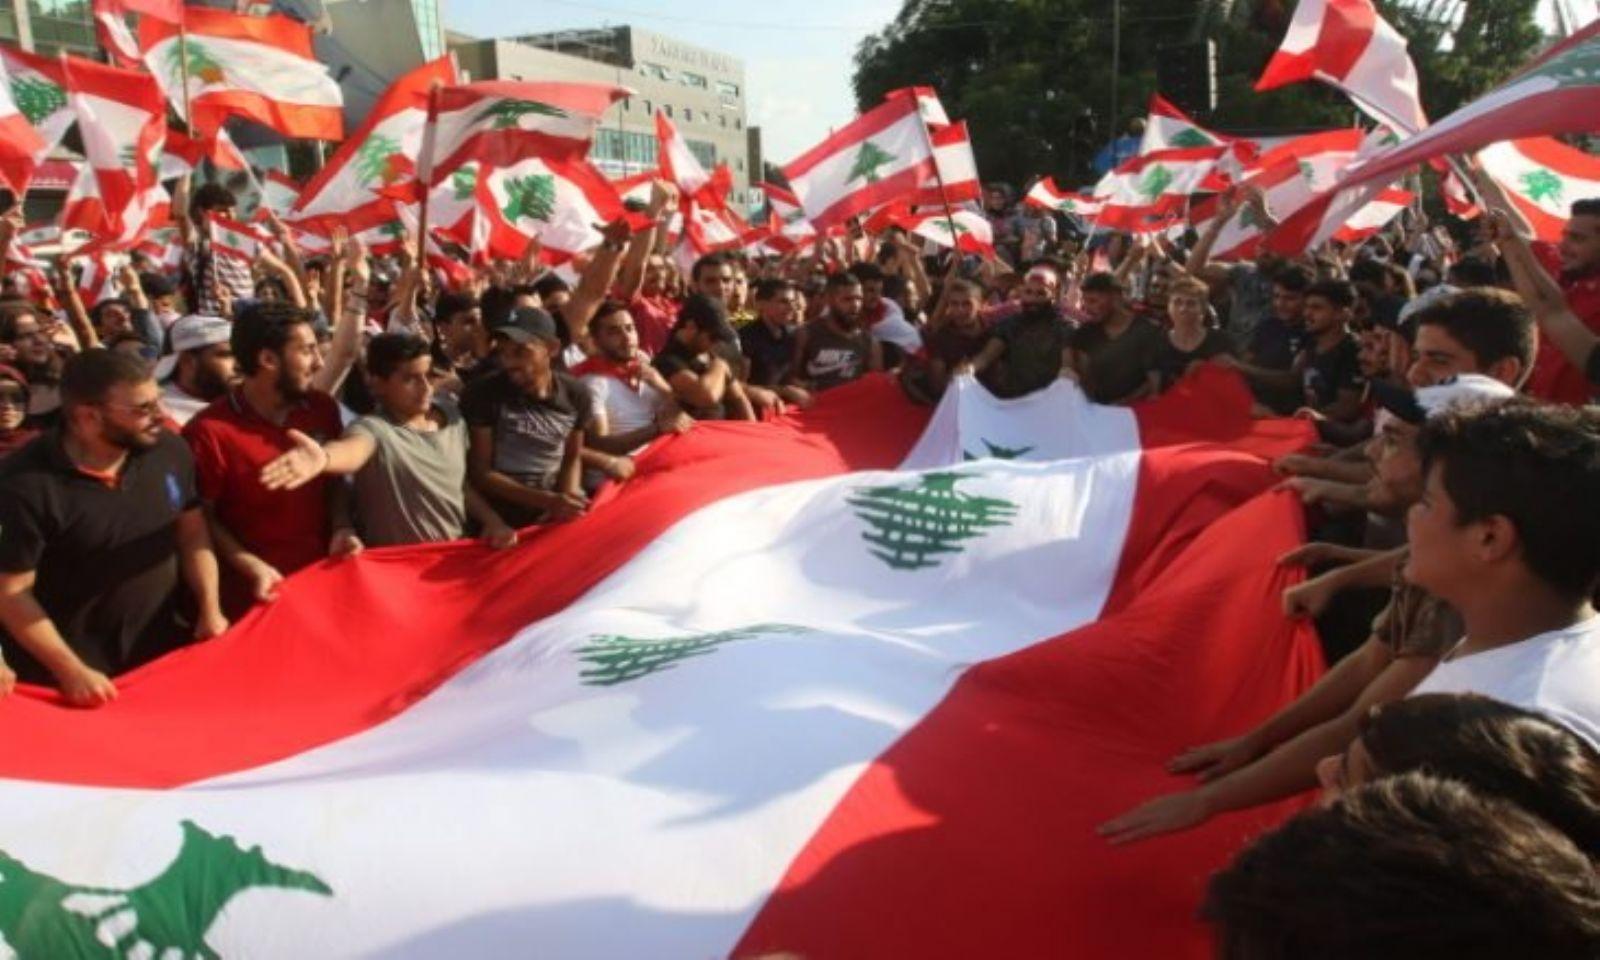 الحكومة اللبنانية تجتمع في قصر الرئاسة وسط احتجاجات